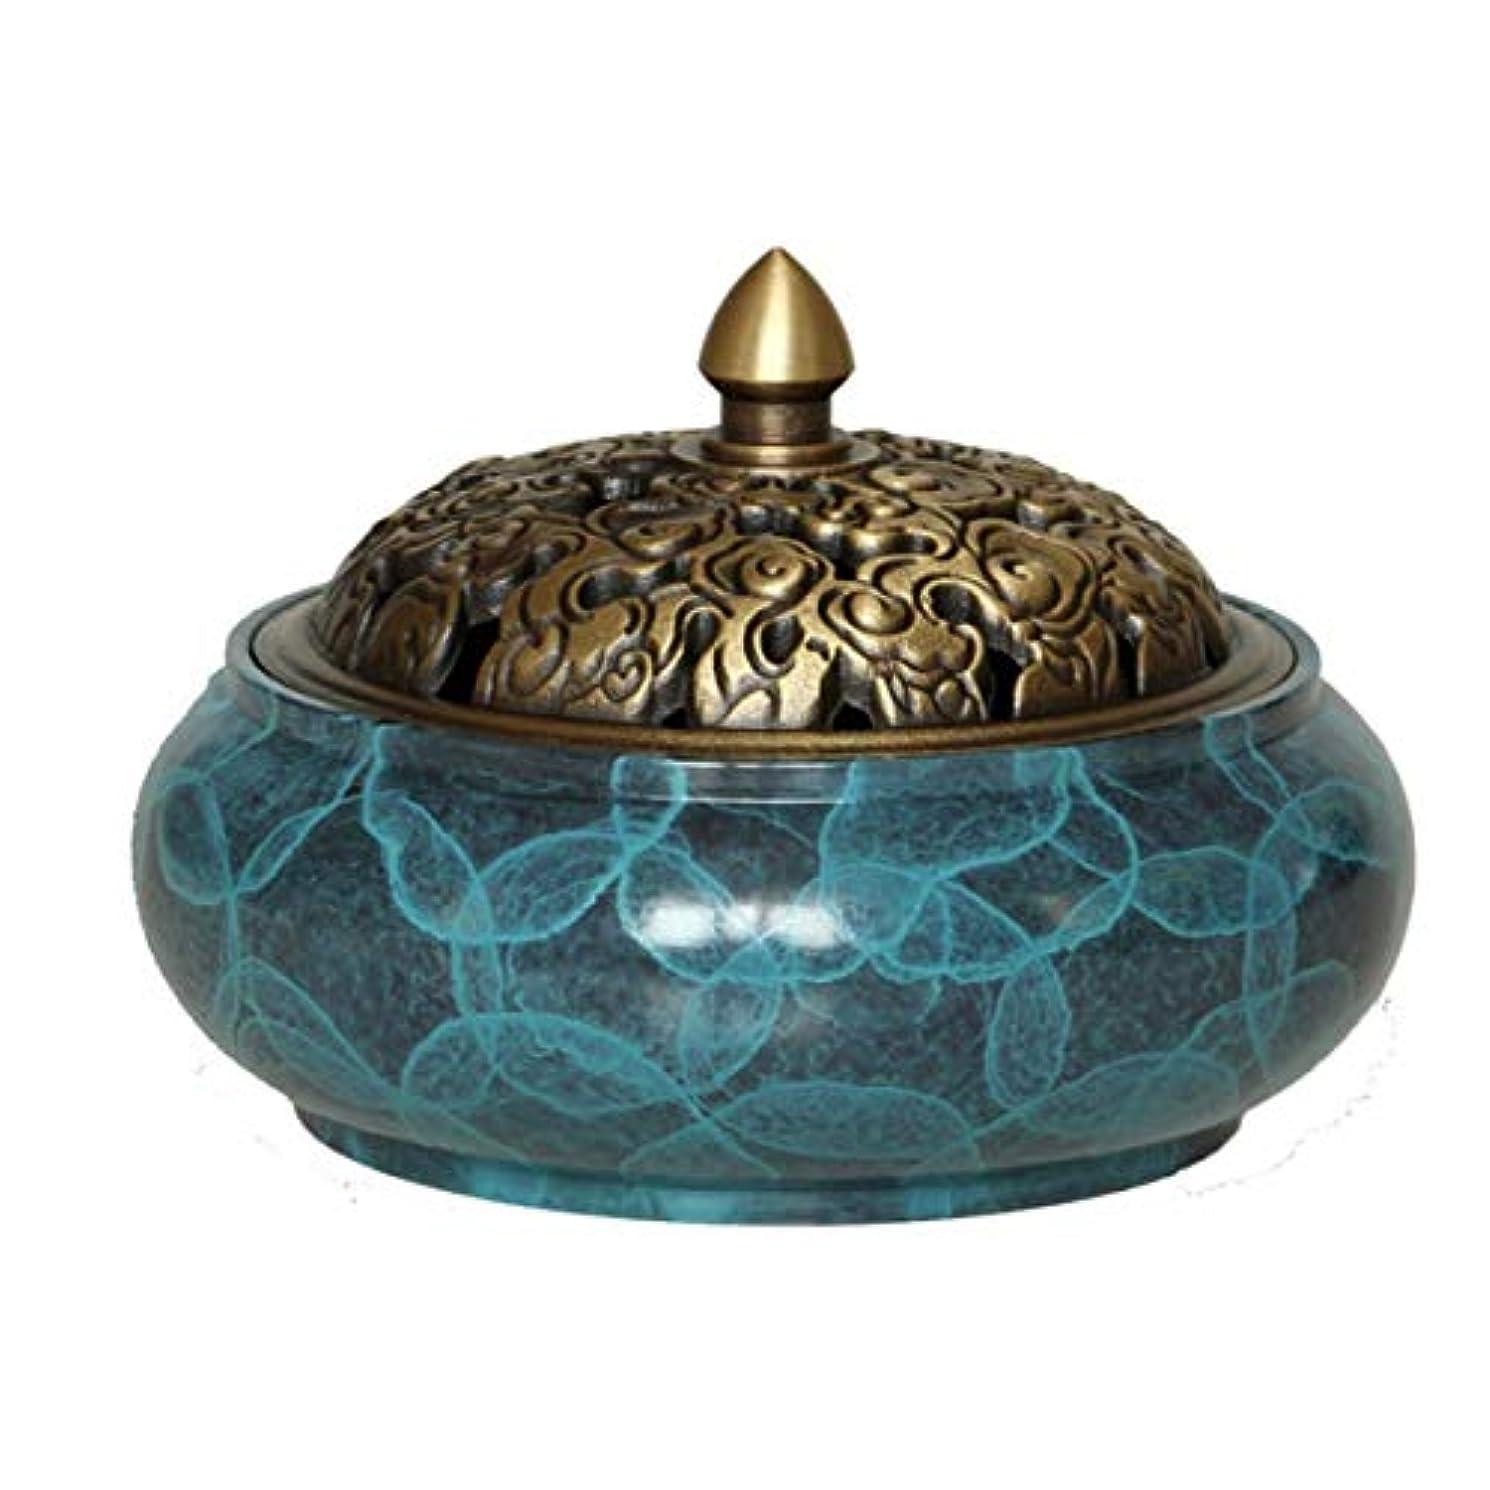 蒸進化する振る銅線香ホルダーバーナー銅製の灰キャッチャートレイボウル、家、オフィス、茶屋、瞑想、ヨガなどのための真鍮線香ホルダー